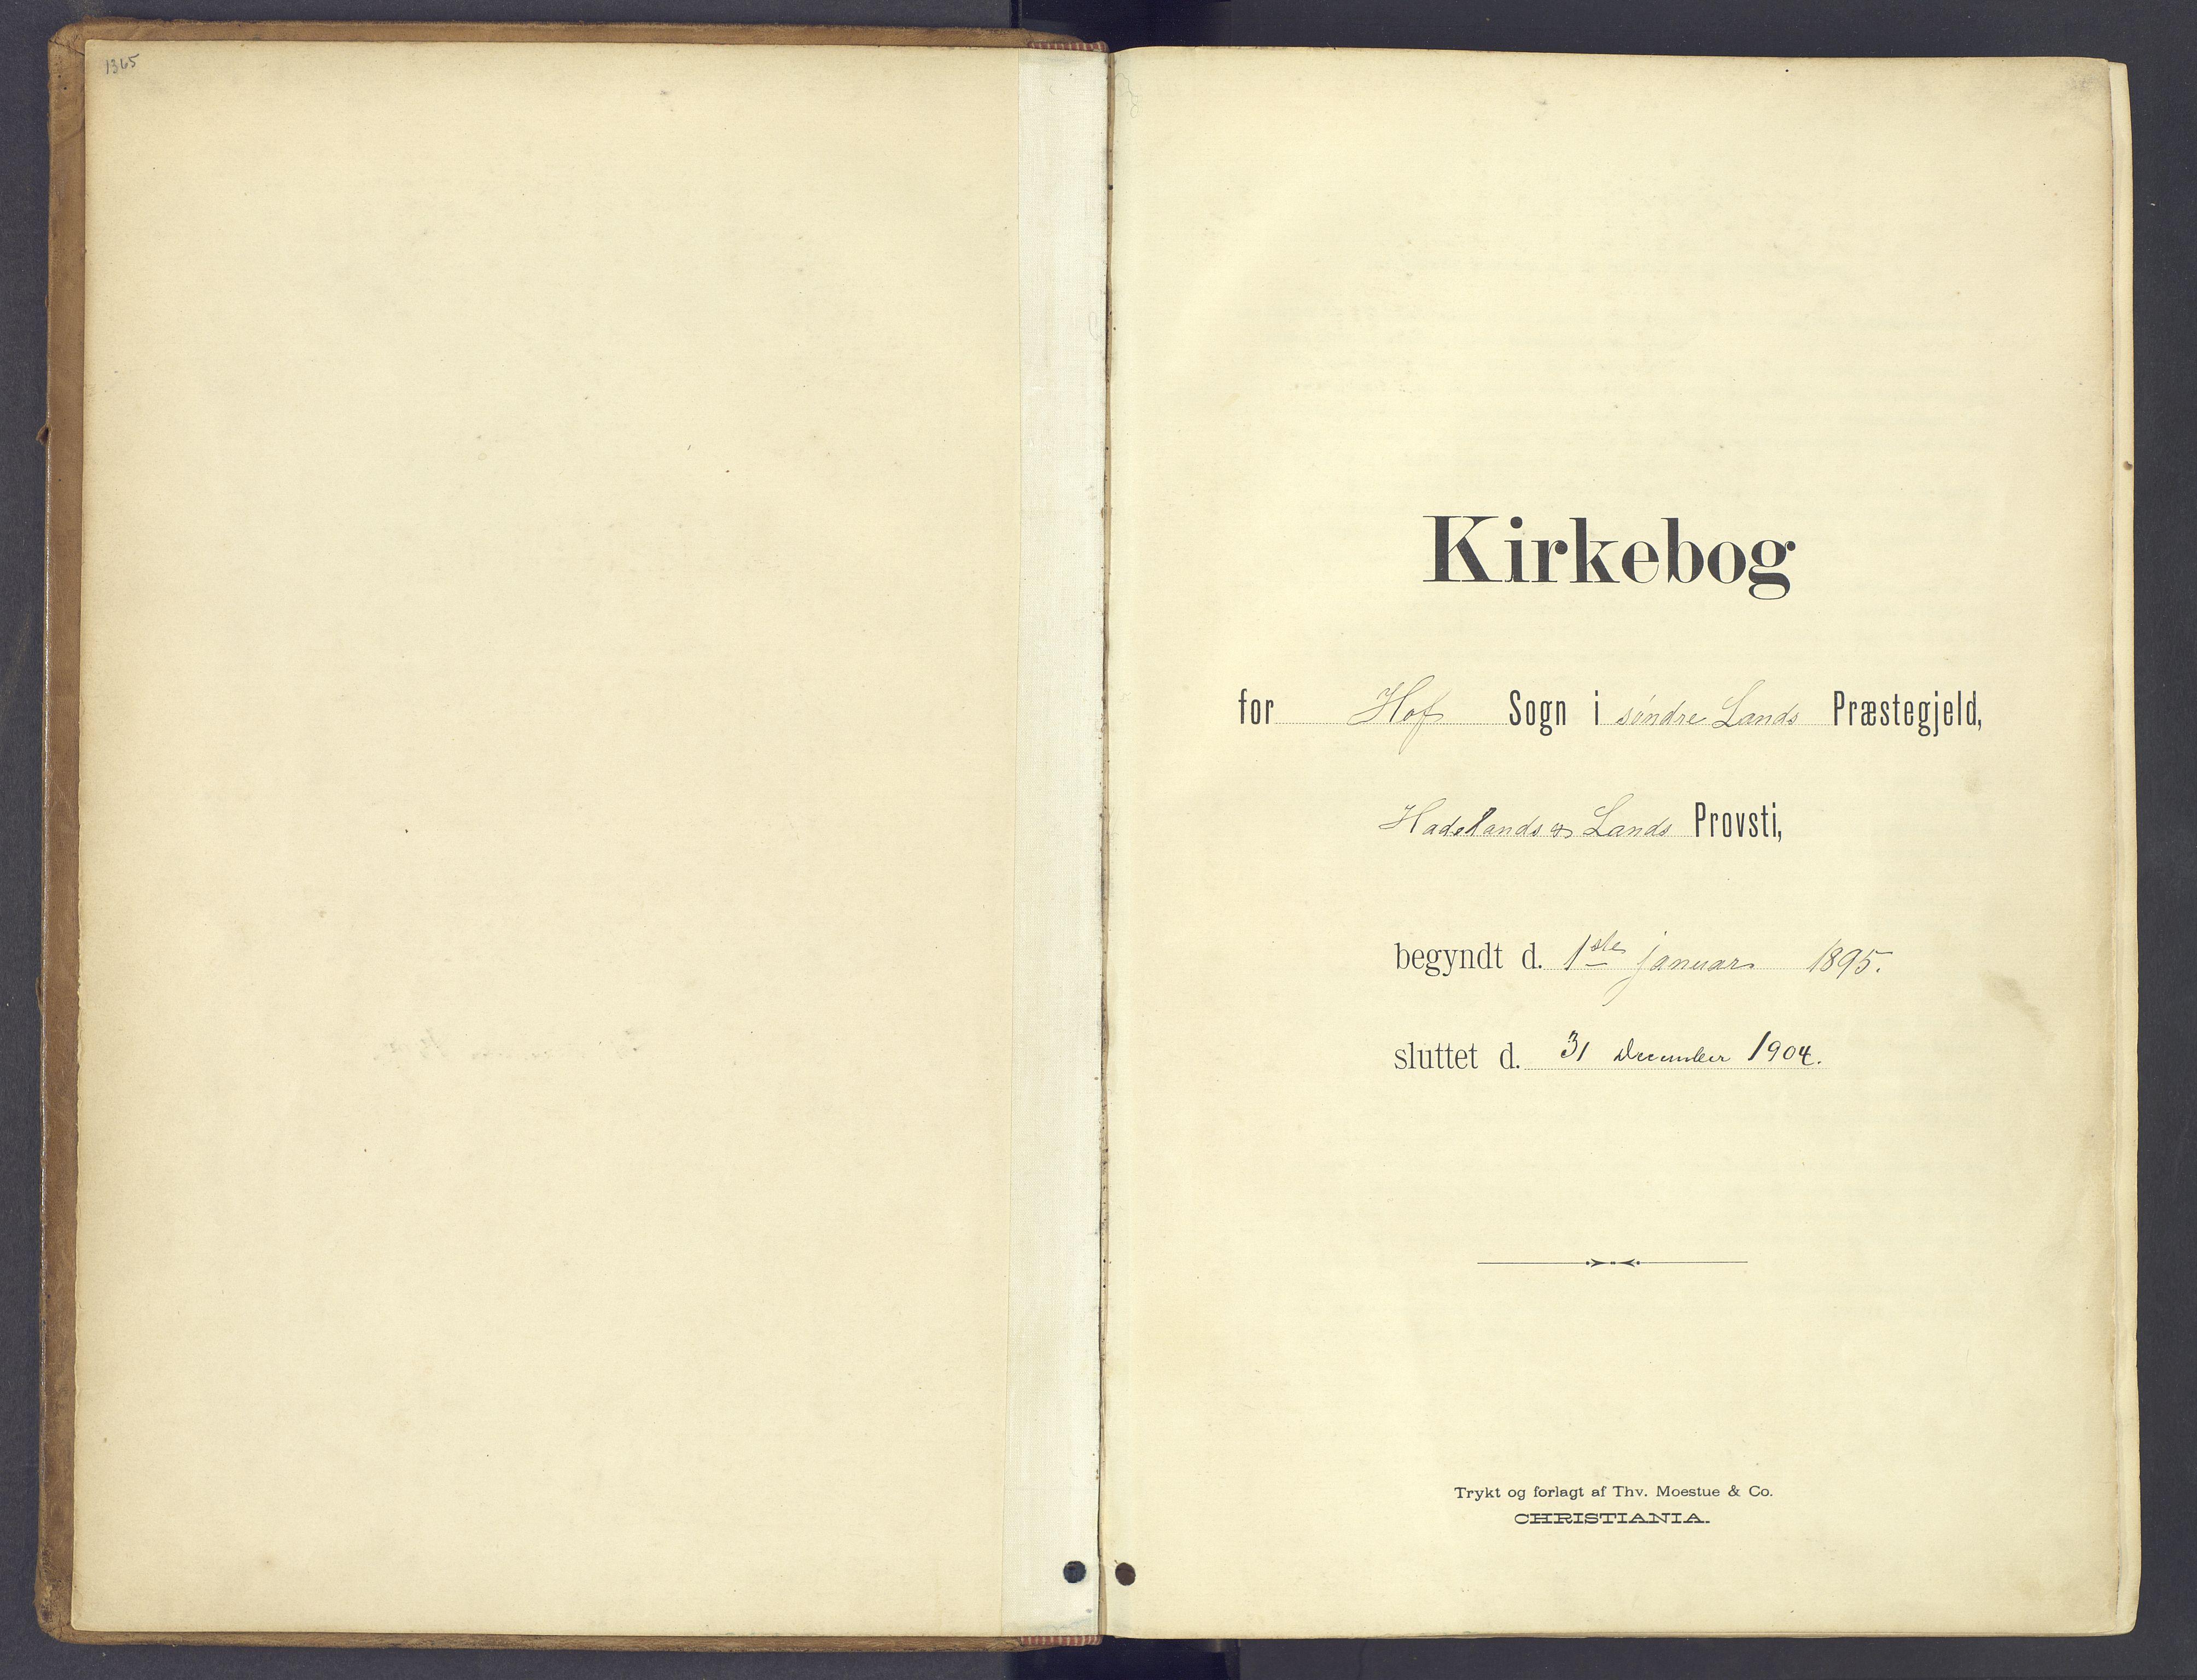 SAH, Søndre Land prestekontor, K/L0006: Ministerialbok nr. 6, 1895-1904